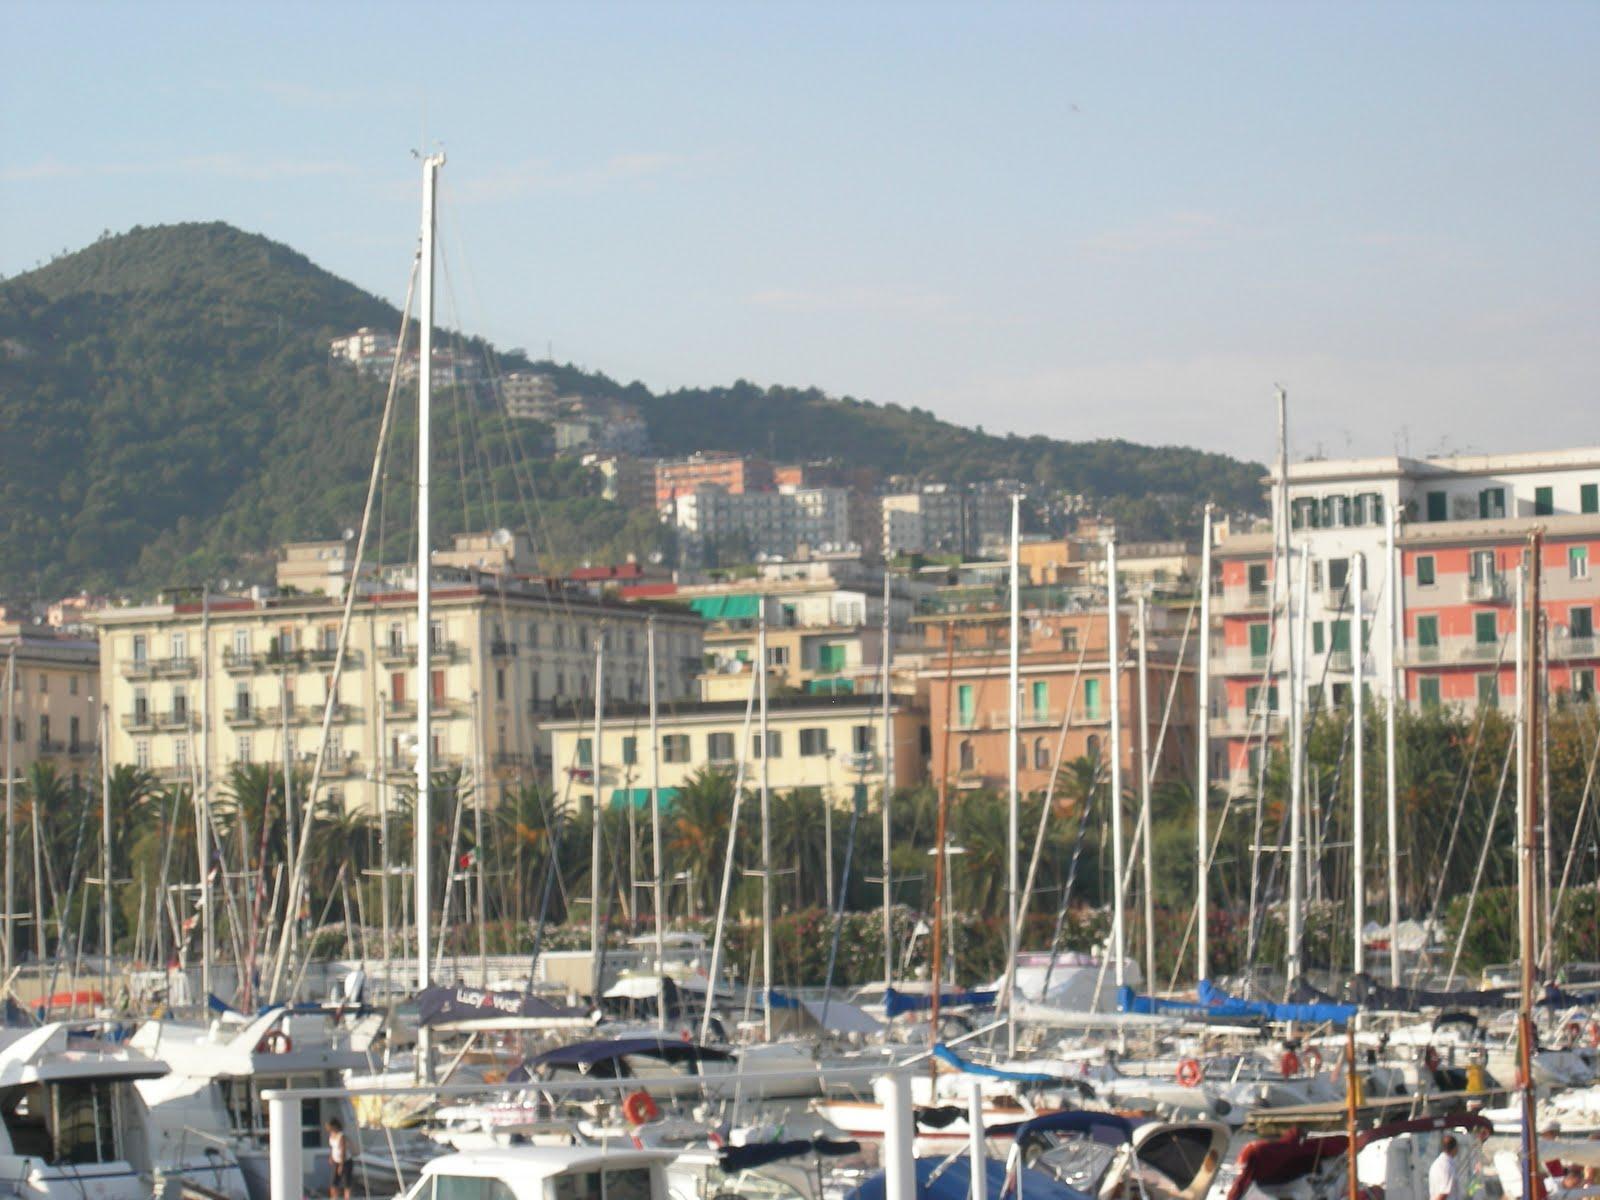 http://1.bp.blogspot.com/_qbbimp-cXQc/TJQXc9LPcQI/AAAAAAAAAMc/Y6uq0KTCm84/s1600/Salerno%2B6.JPG